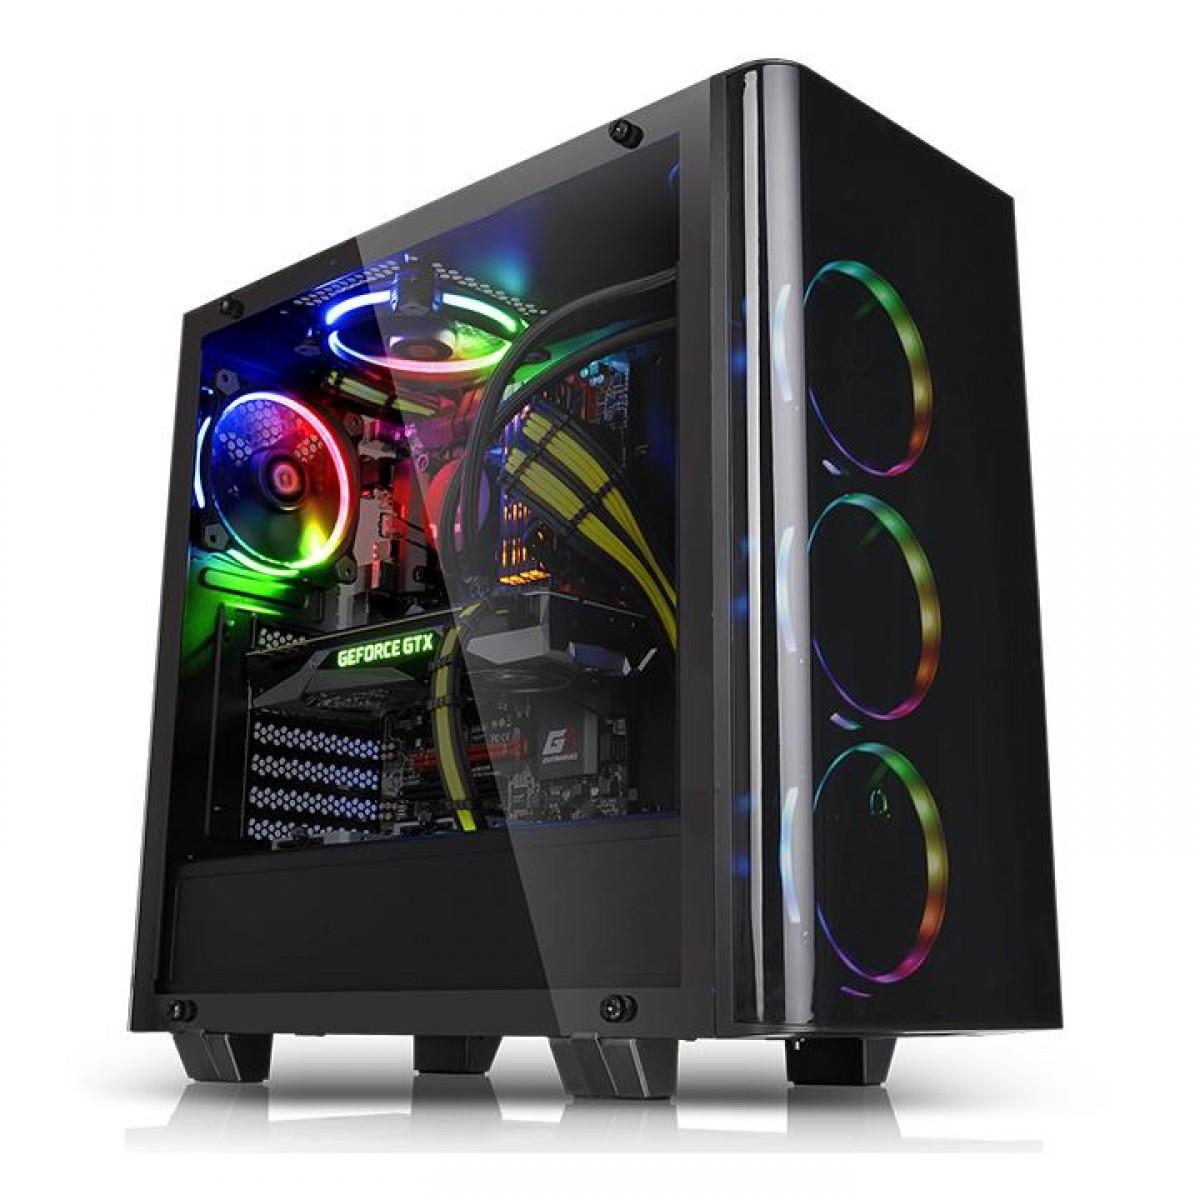 Pc Gamer Tera Edition Amd Ryzen 5 2600x / GeForce GTX 1660 Super 6GB / DDR4 8Gb / HD 1TB